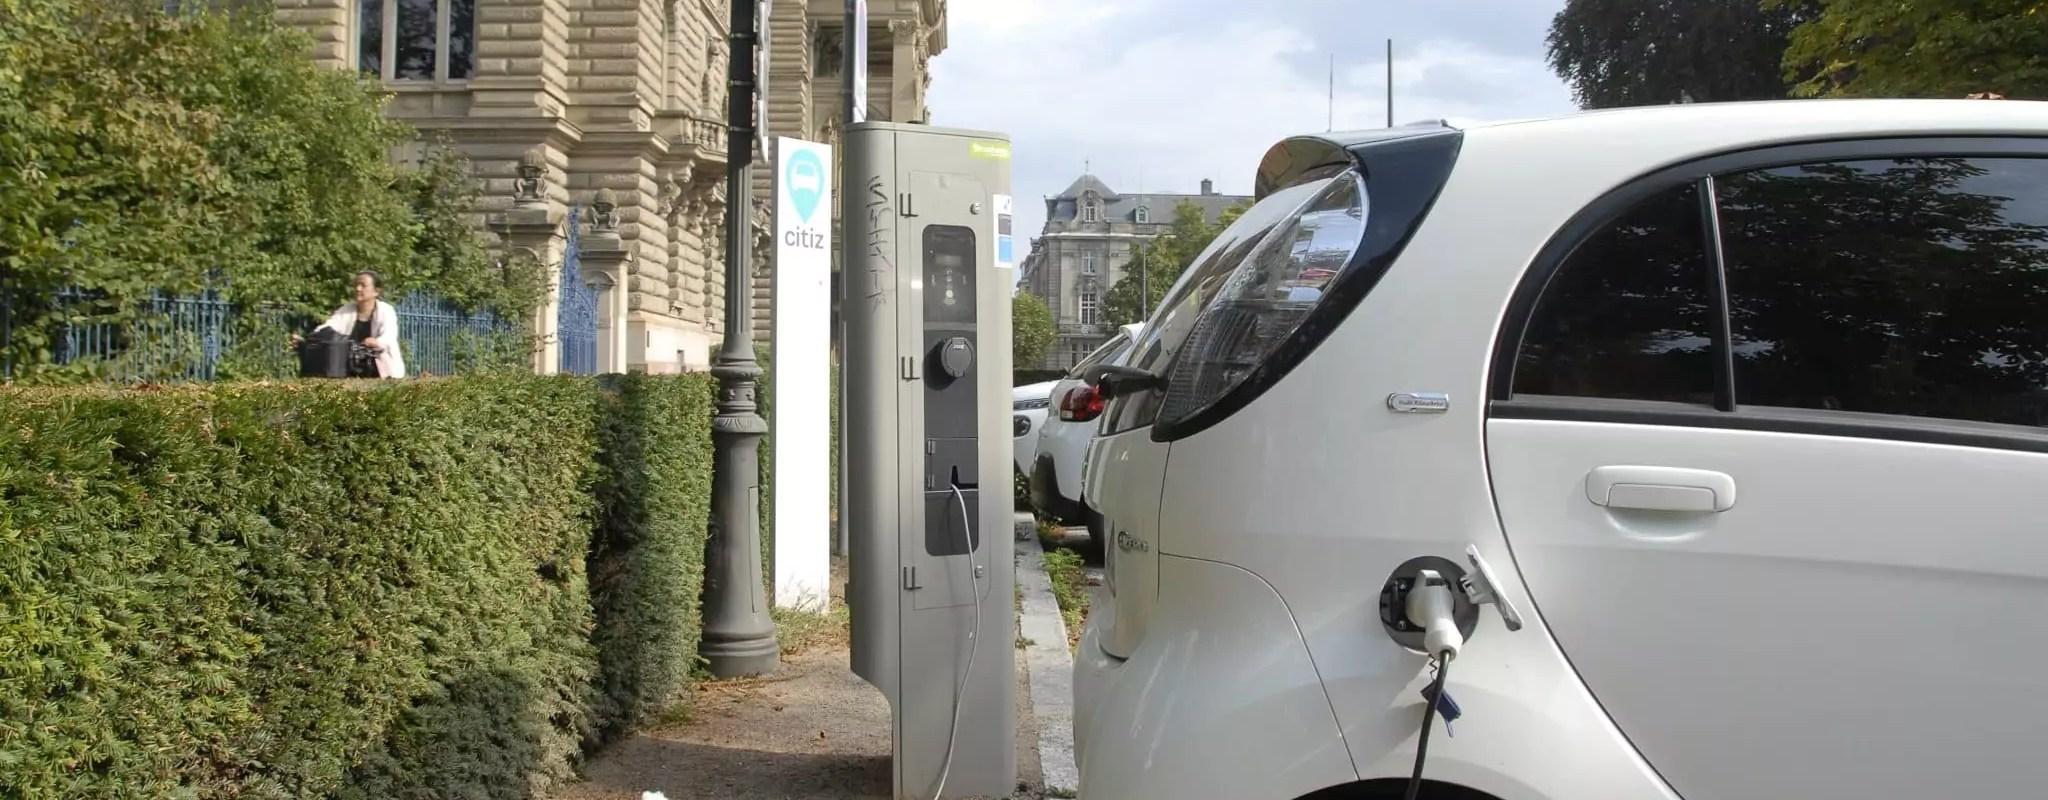 Le nombre de bornes pour voitures électriques va exploser à Strasbourg en 2019